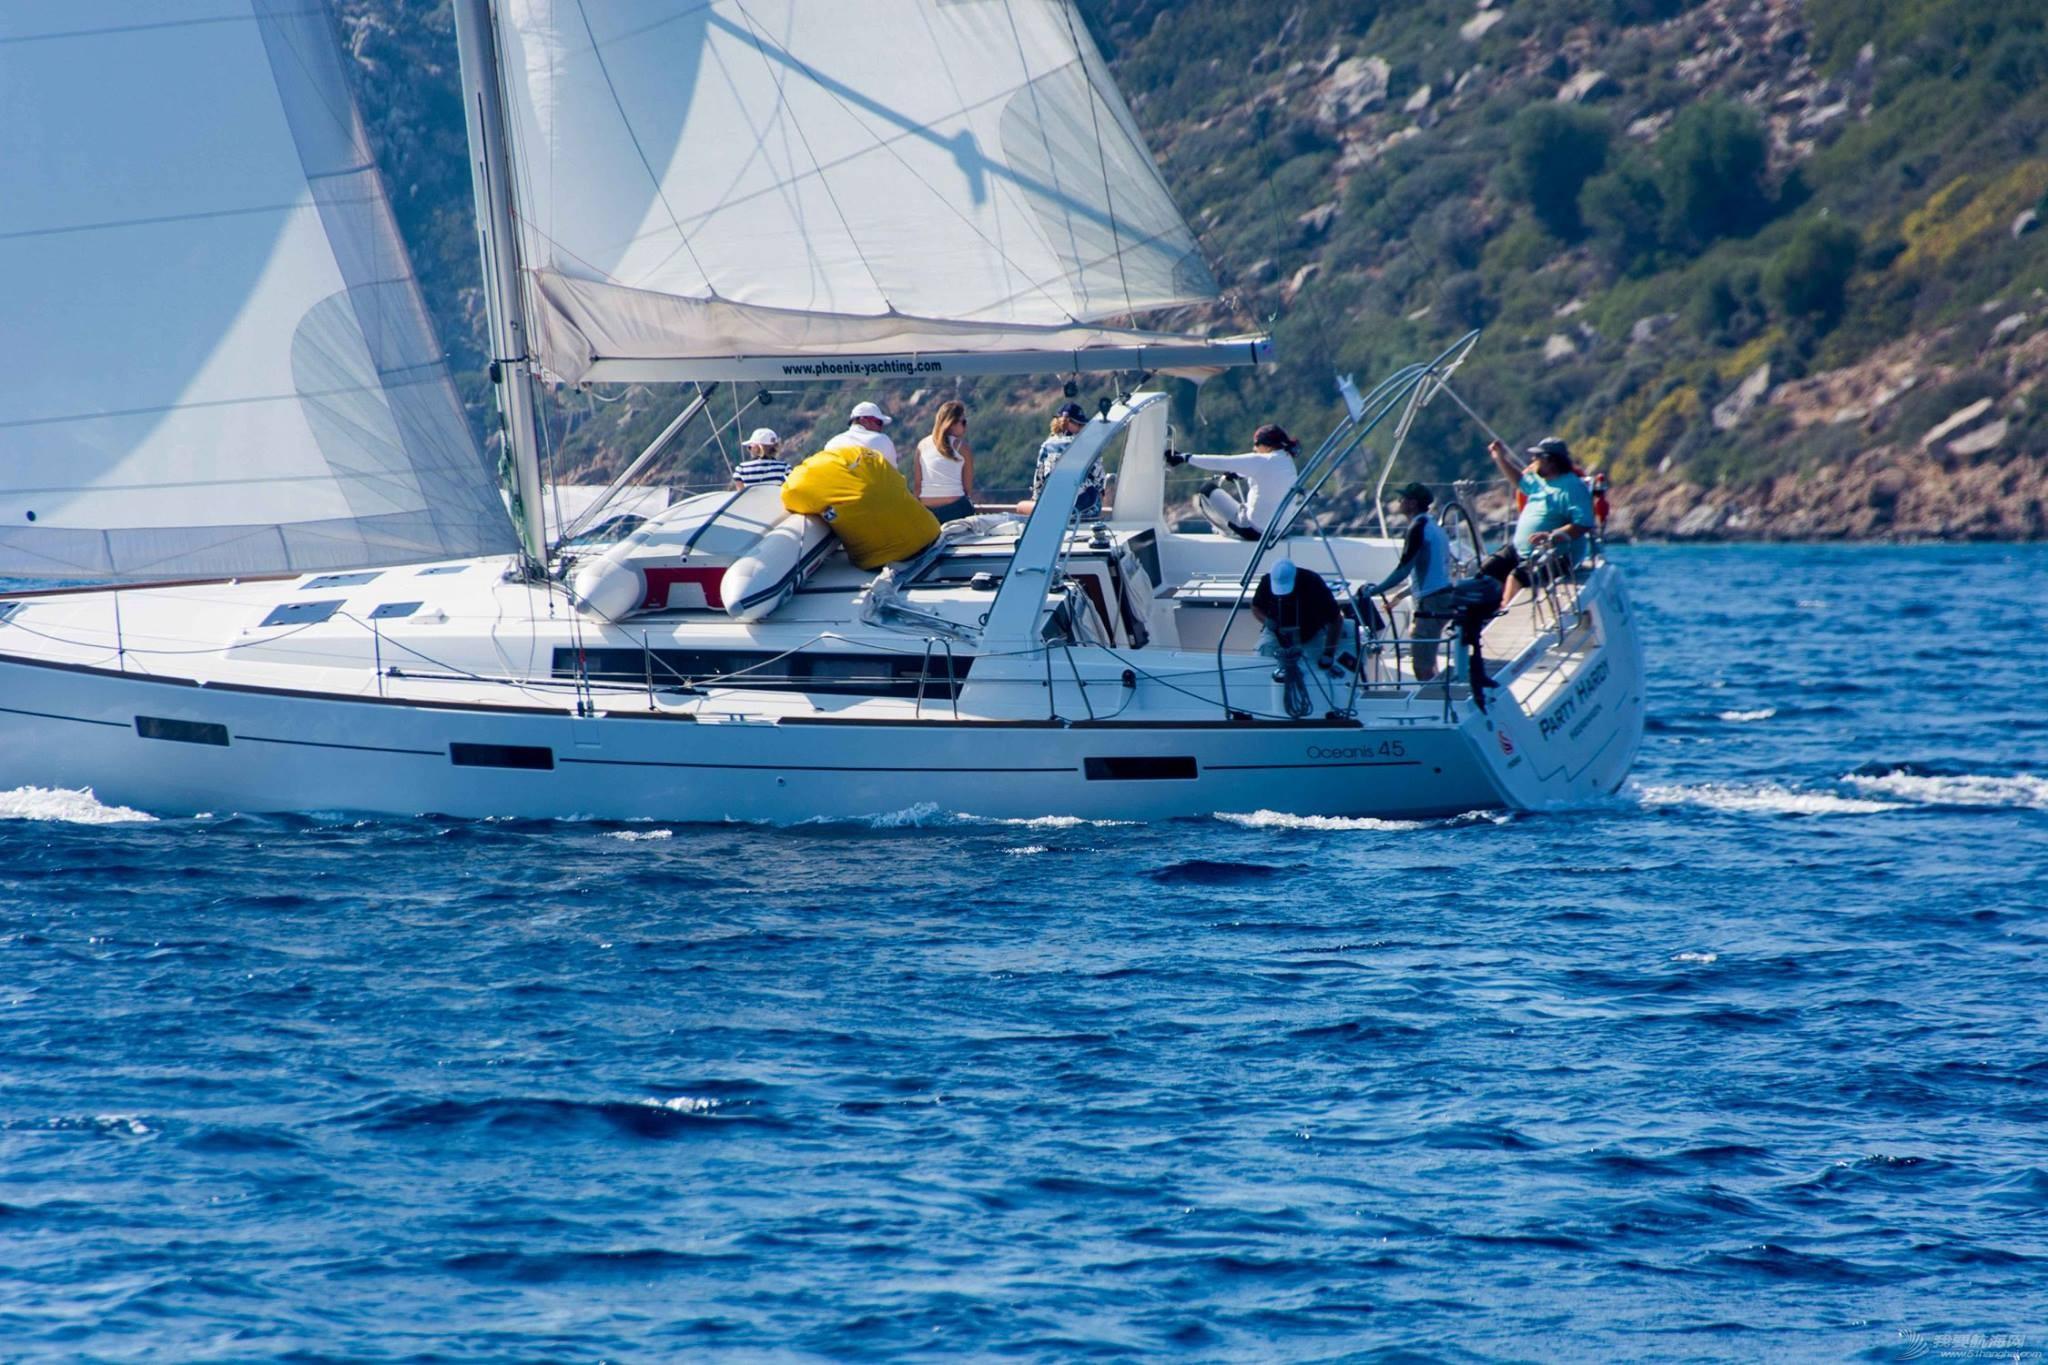 土耳其 航海到土耳其又遇土耳其帆赛 12141150_1632434797015182_8530609542977343635_o.jpg